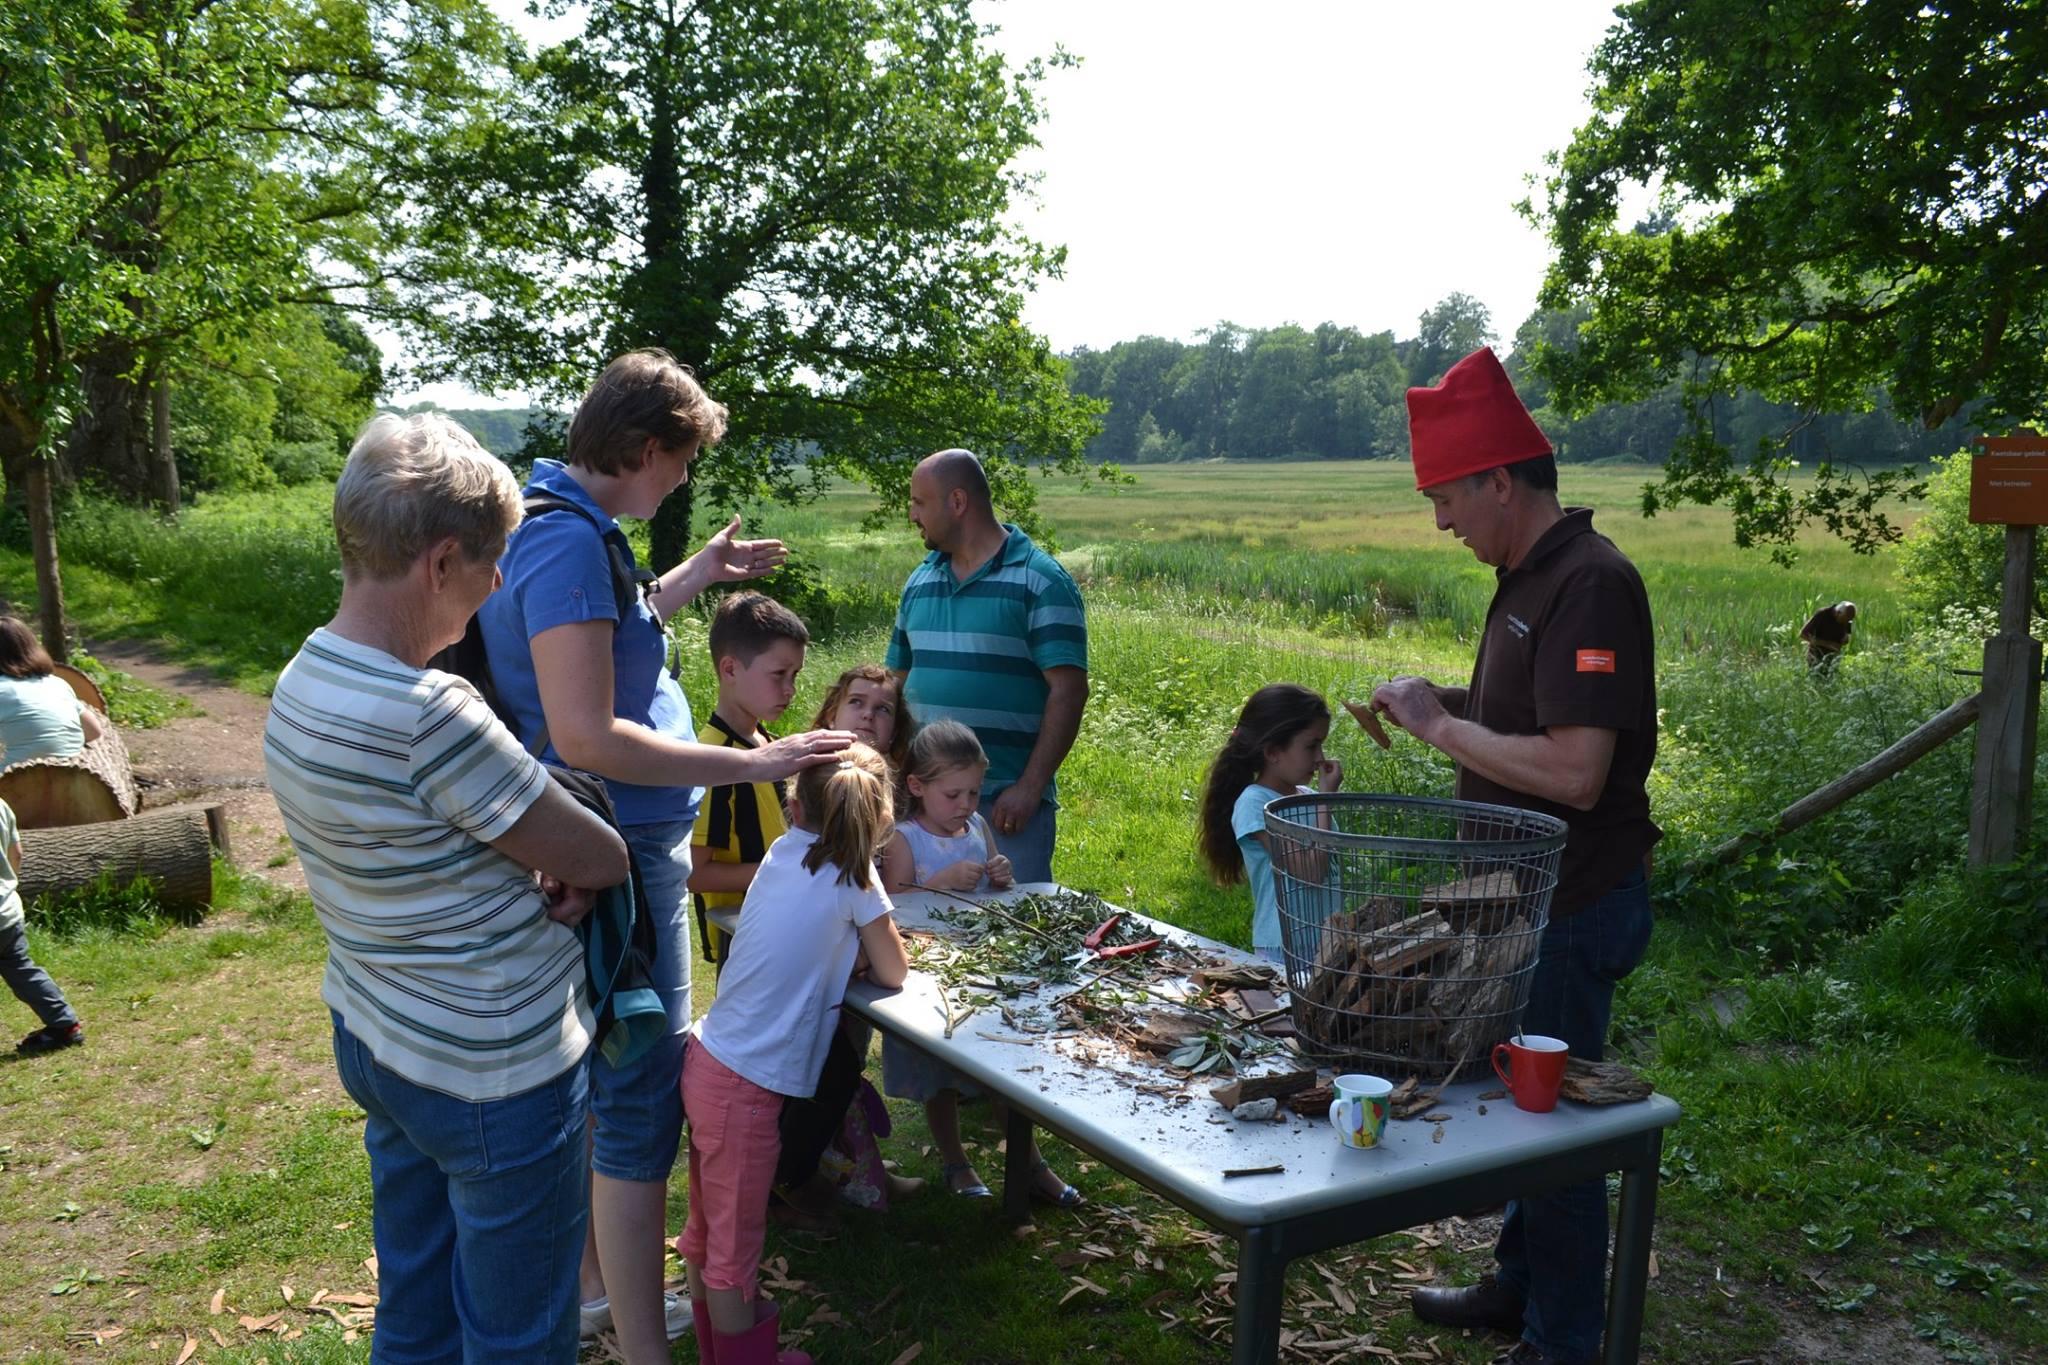 Bootjes maken van boomschors was één van de leuke activiteiten